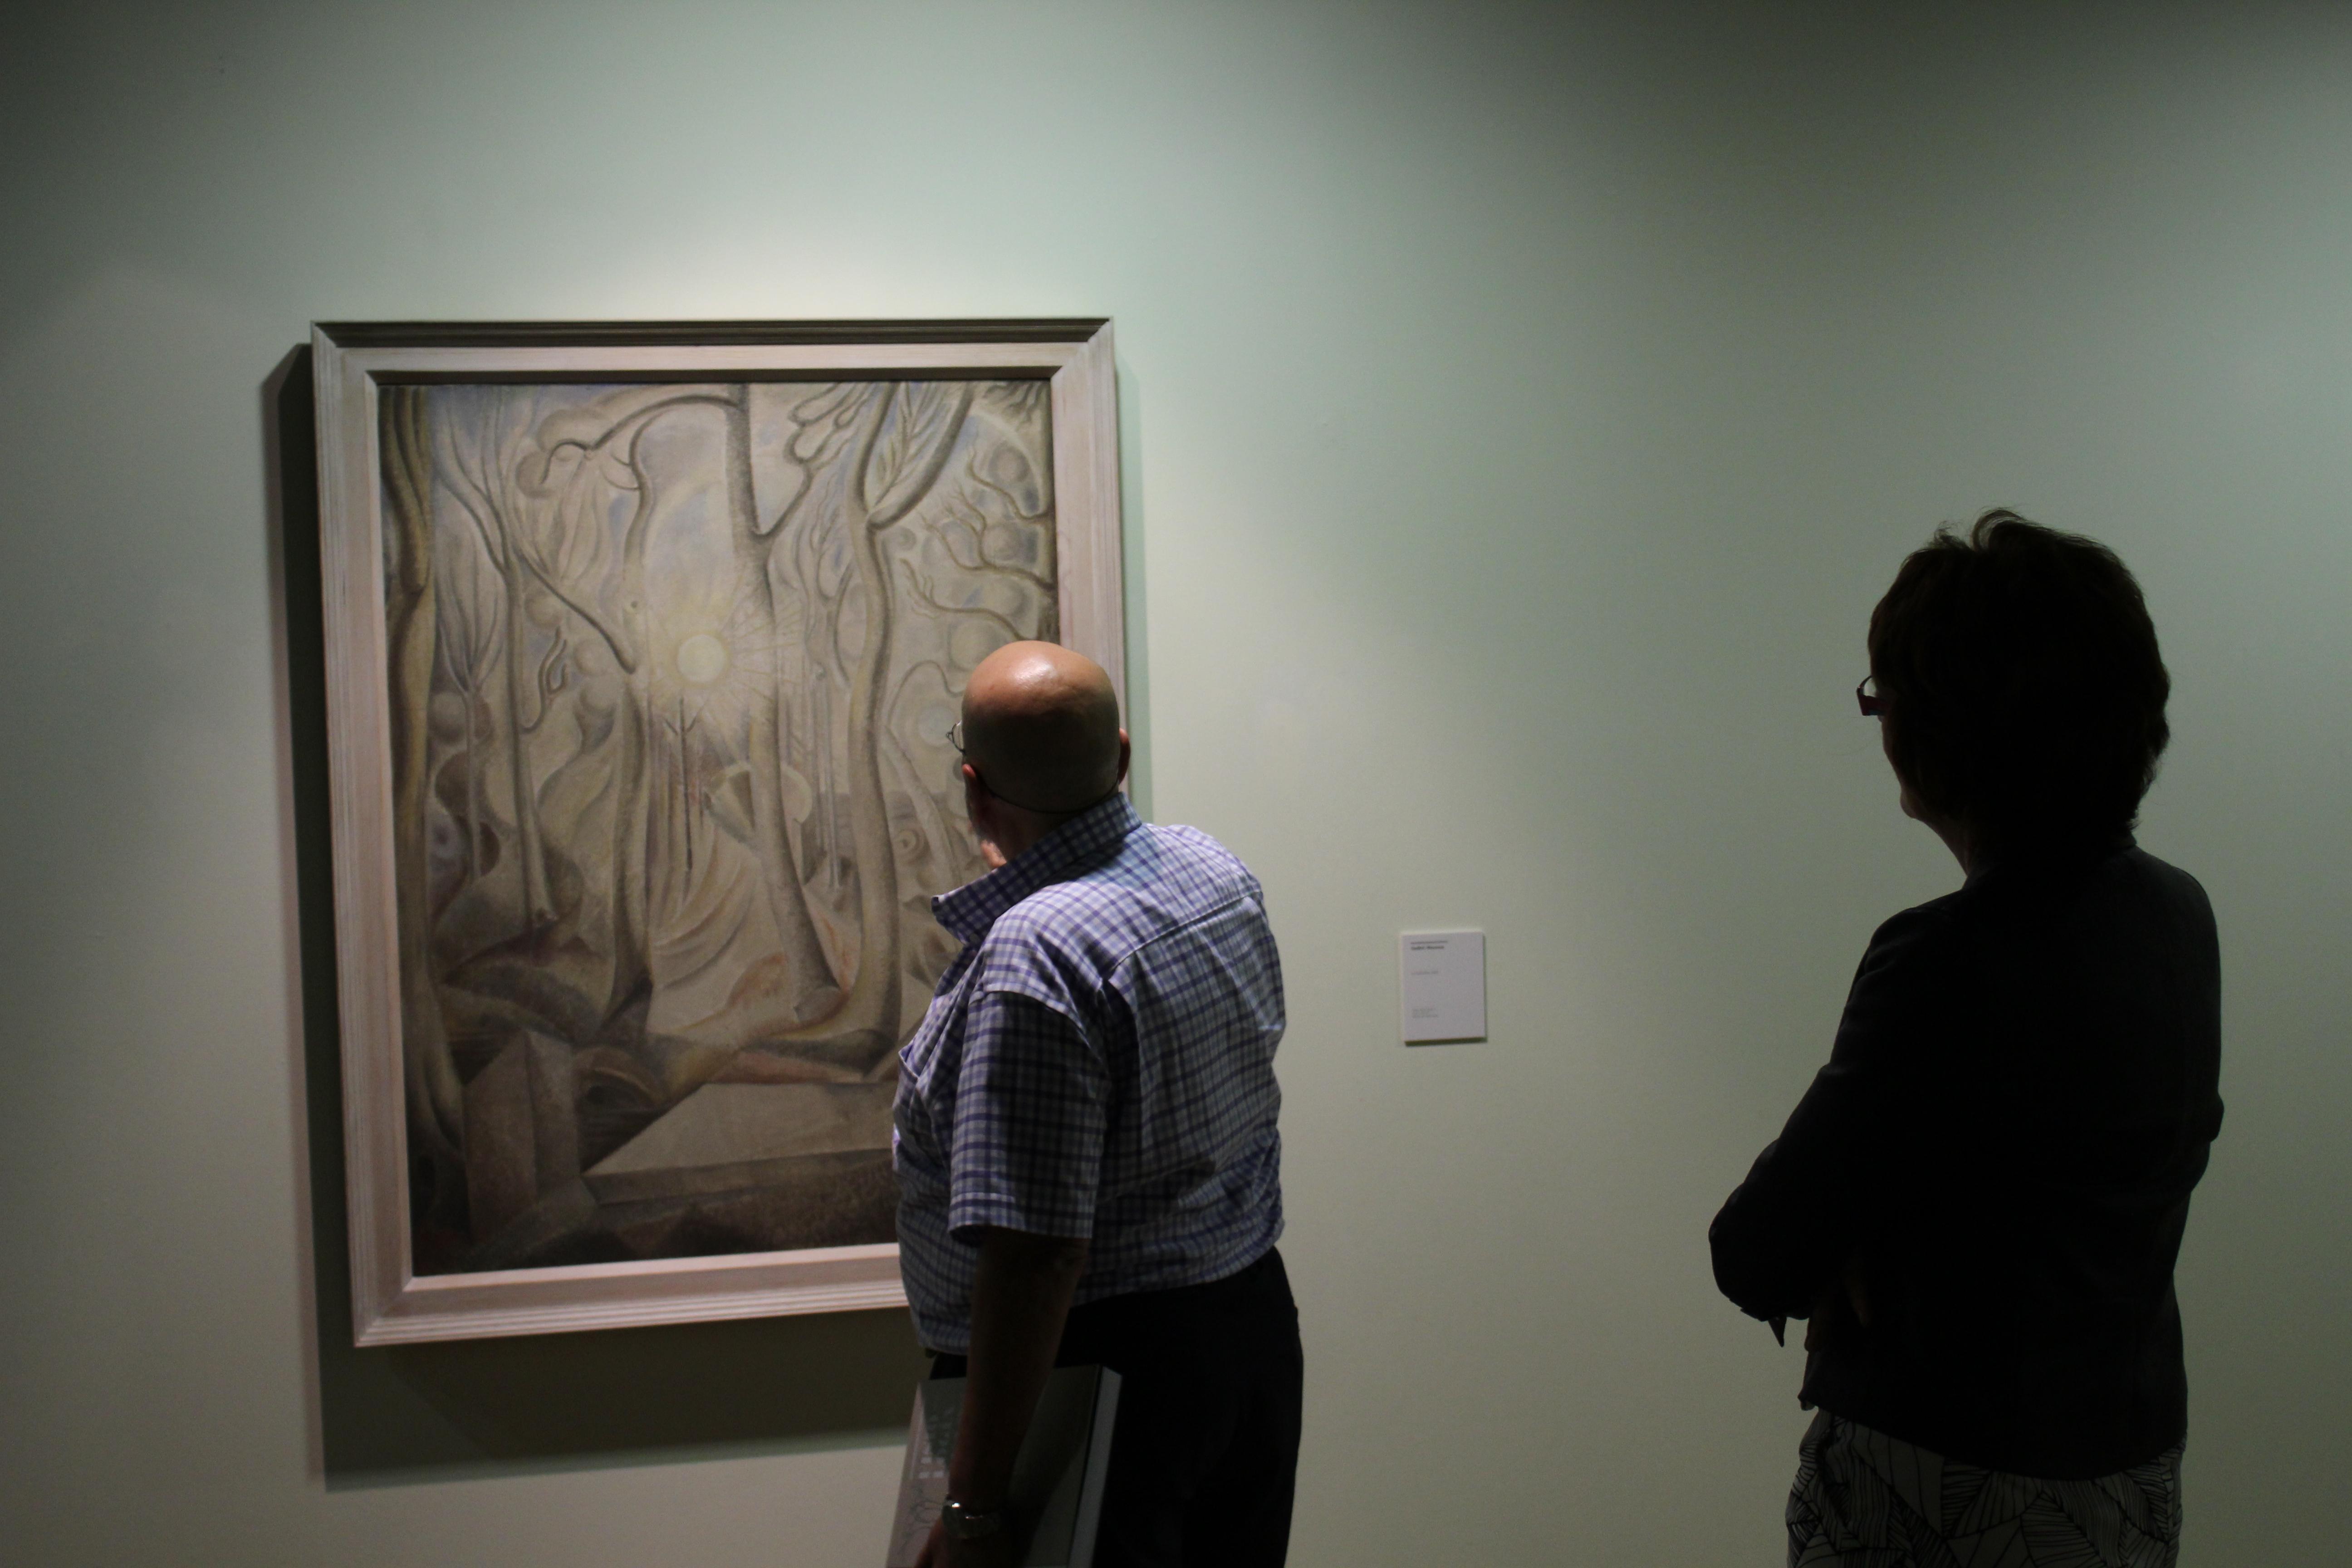 Los circuitos neurales de la consciencia modo offline for Trabajo para pintores